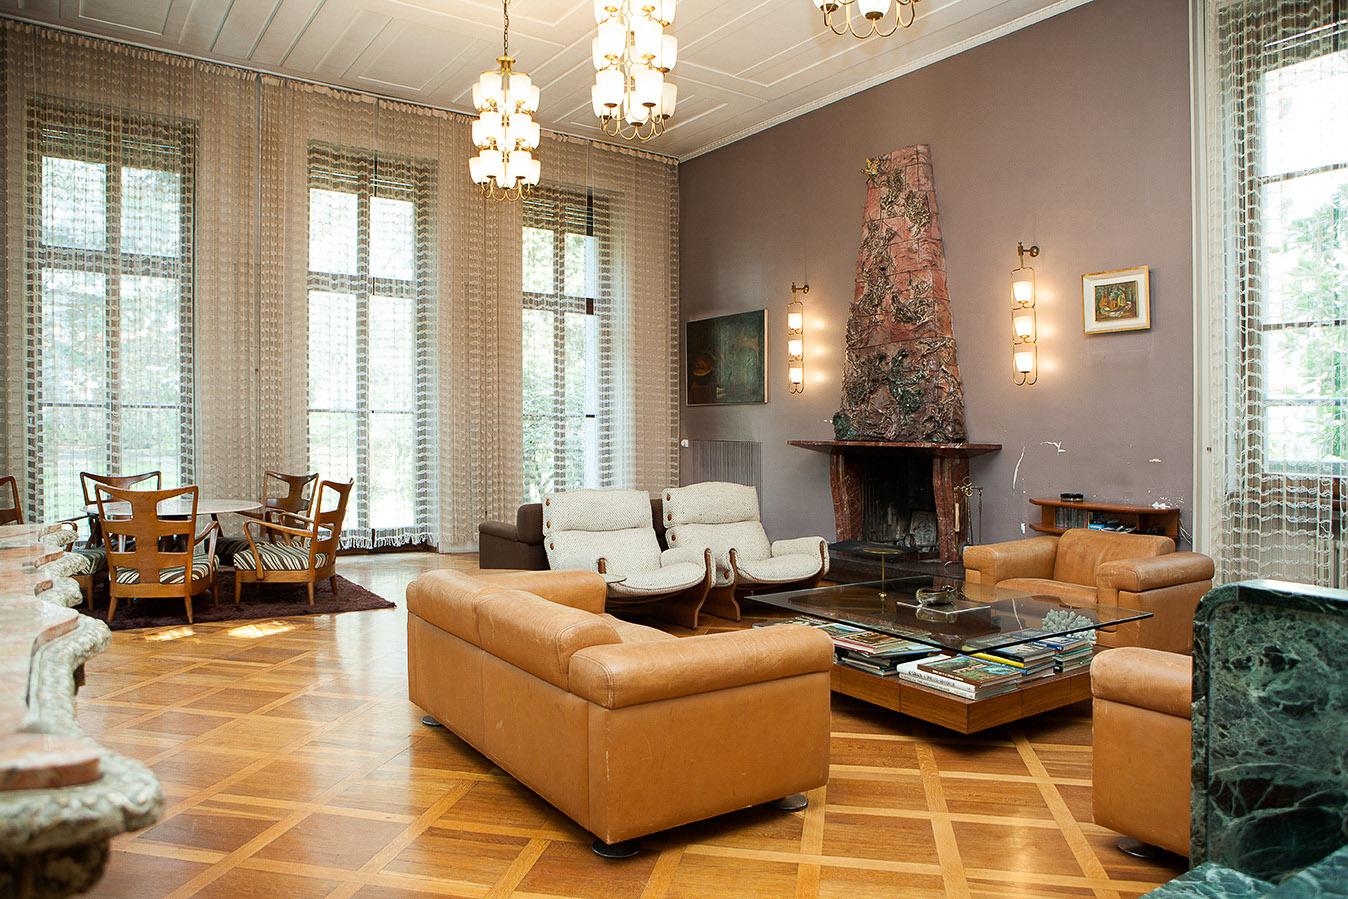 Villa arredamenti milano divano bub italia edouard with for Villa arredamenti